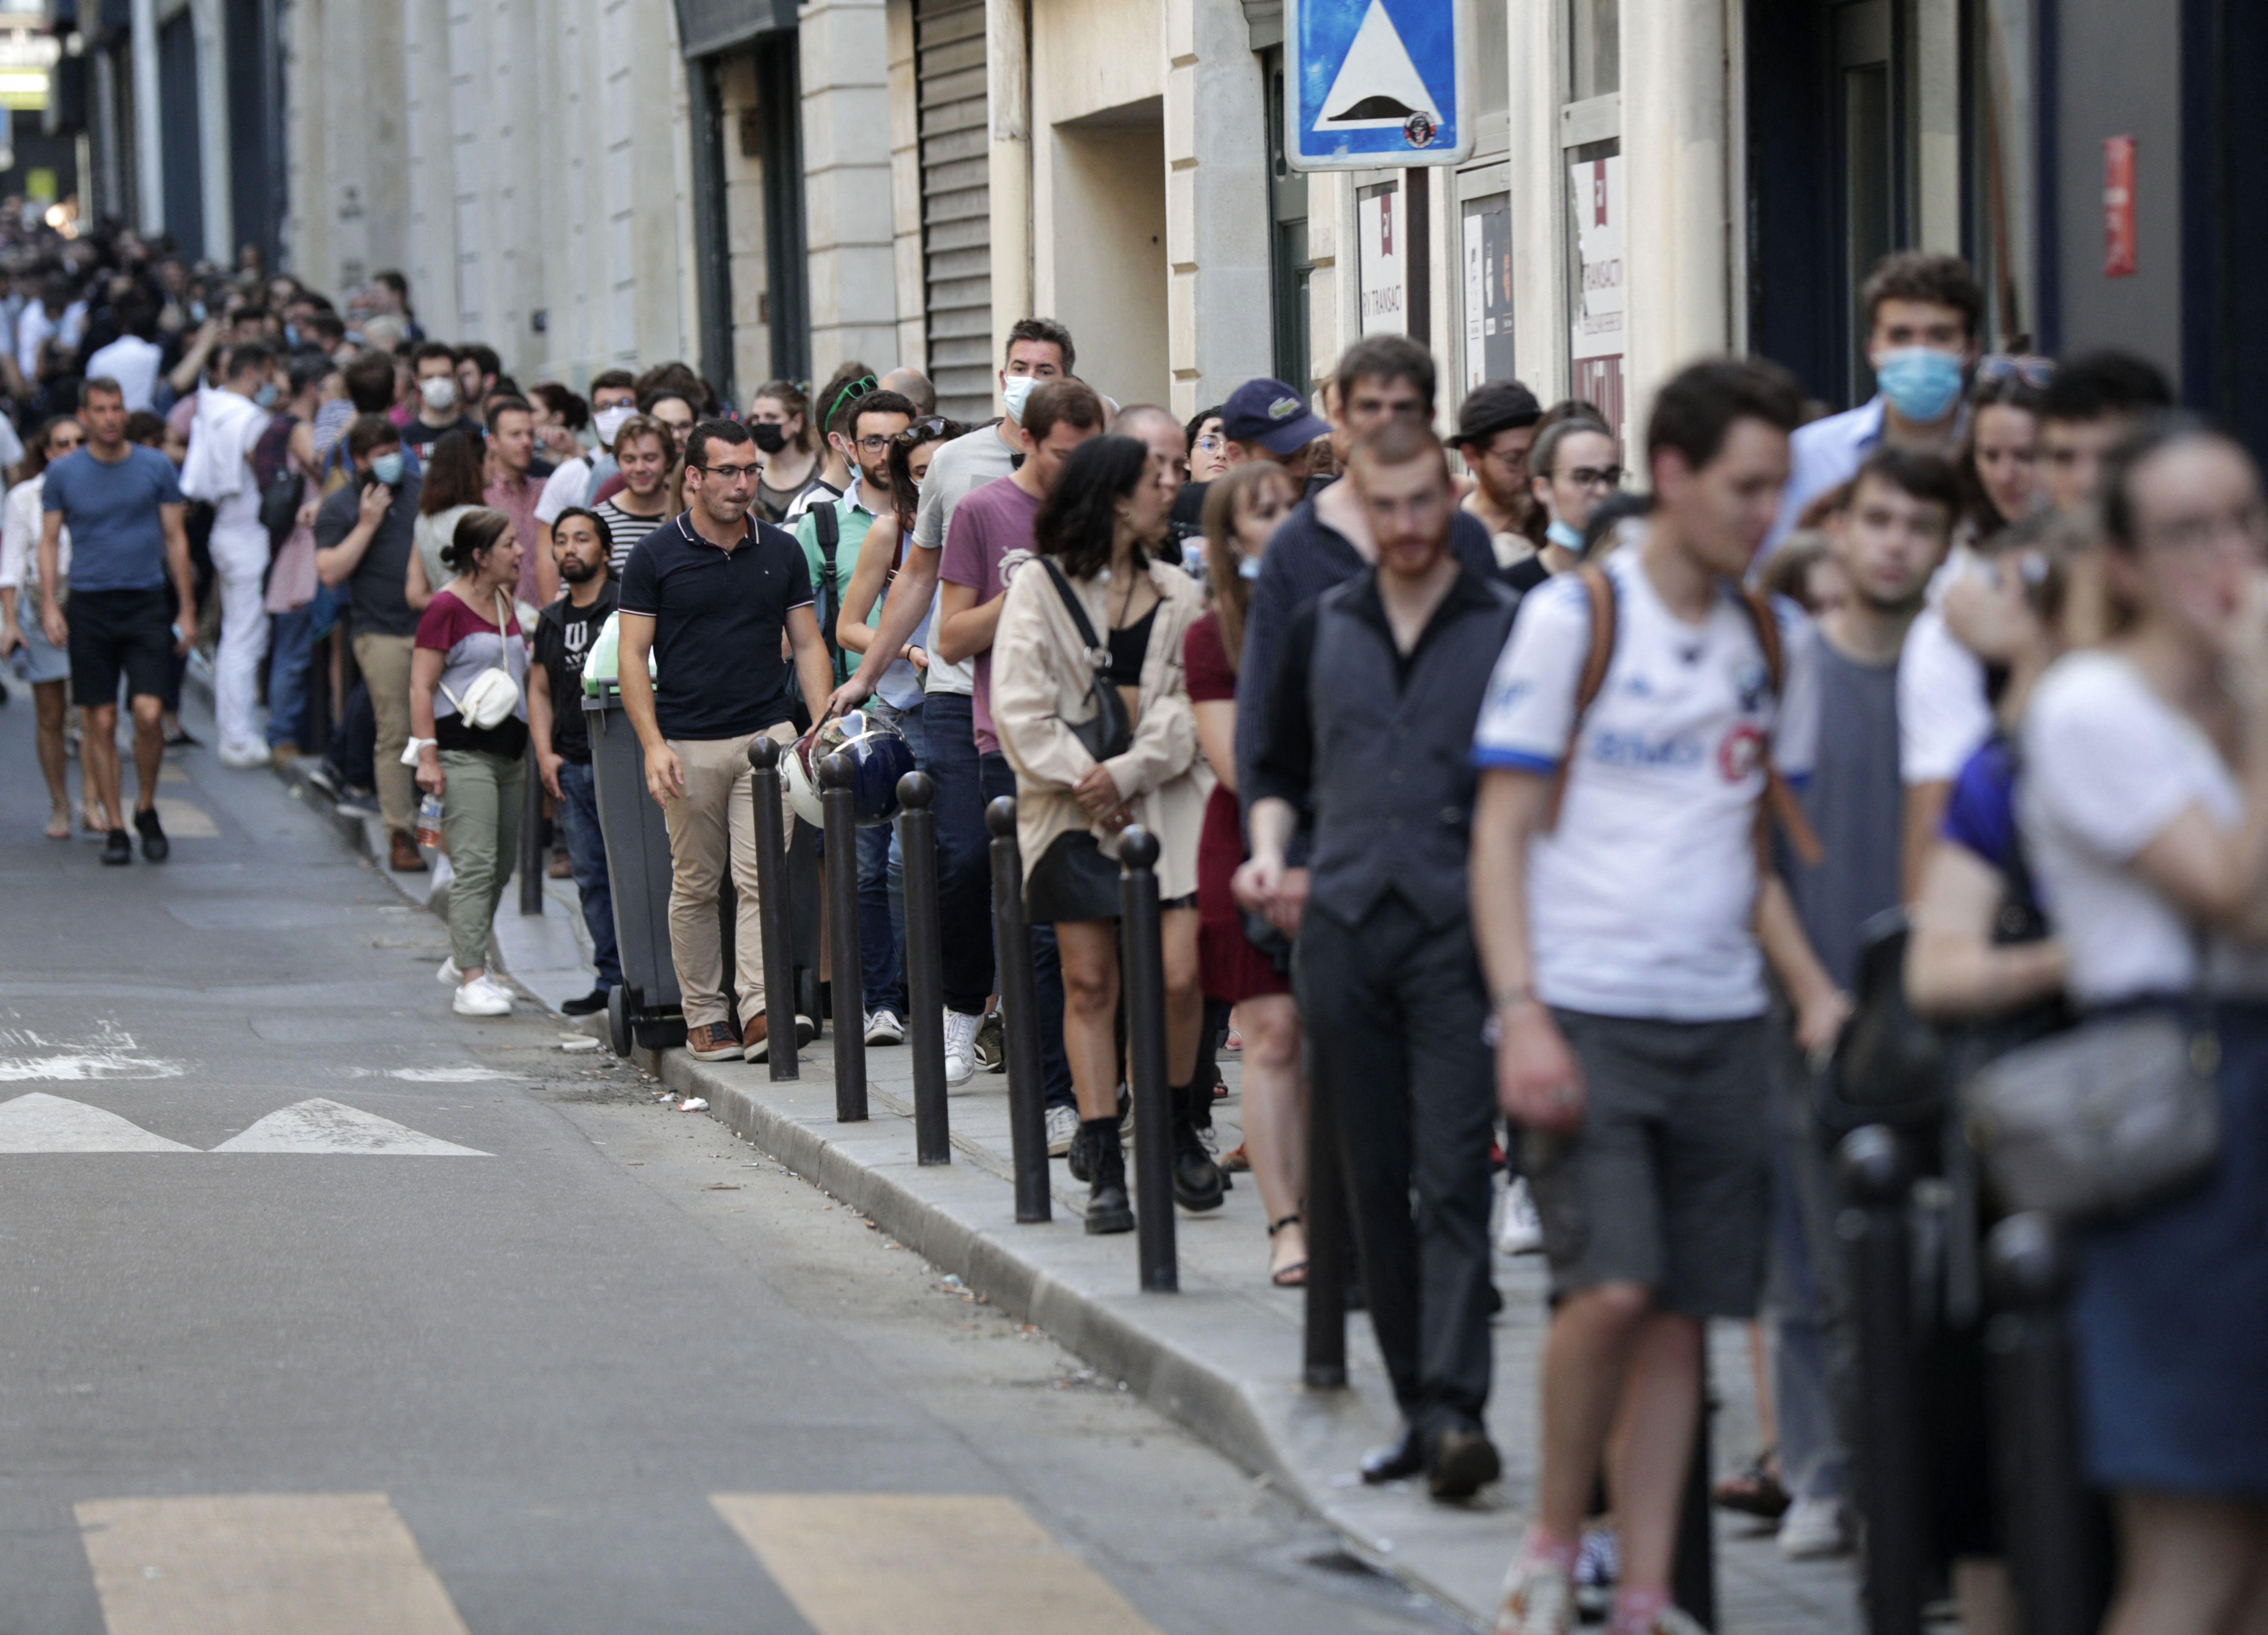 Des personnes faisant la queue pour assister à l'avant-première de